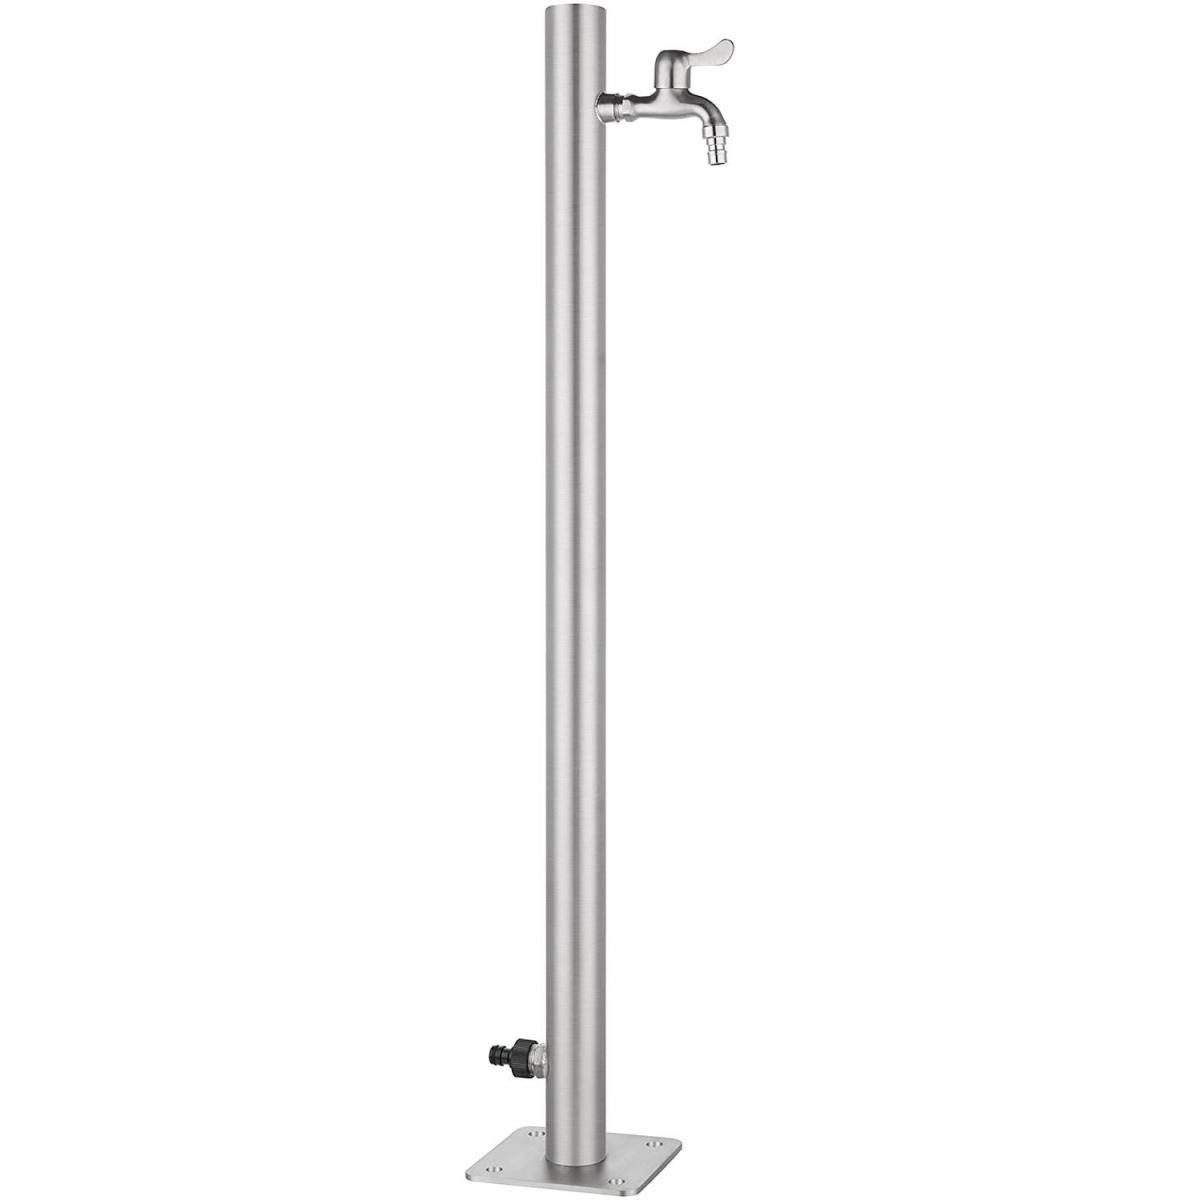 Bcelec WCR-50 Robinet d'extérieur 95x5cm, colonne d'eau extérieure en acier inoxydable, distributeur d'eau, point d'eau jardin